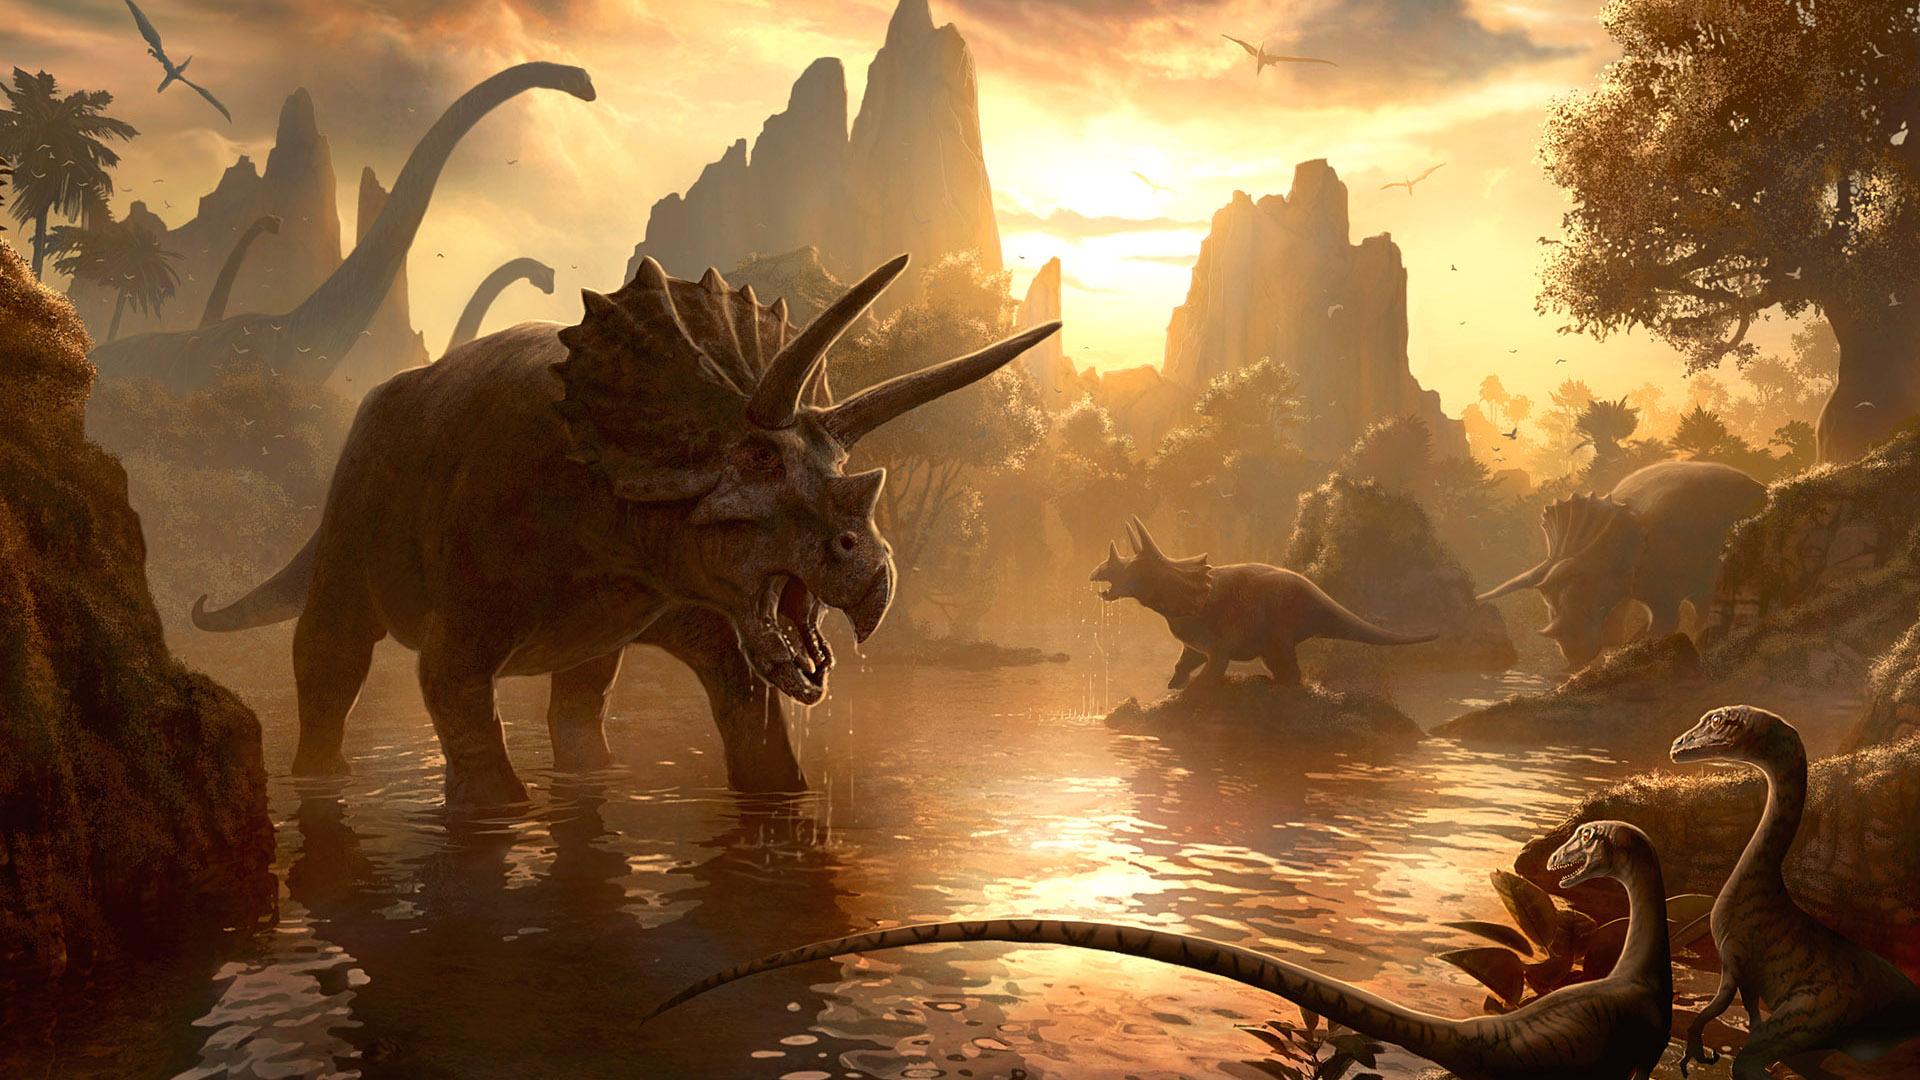 dinosaur wallpaper for bedroom